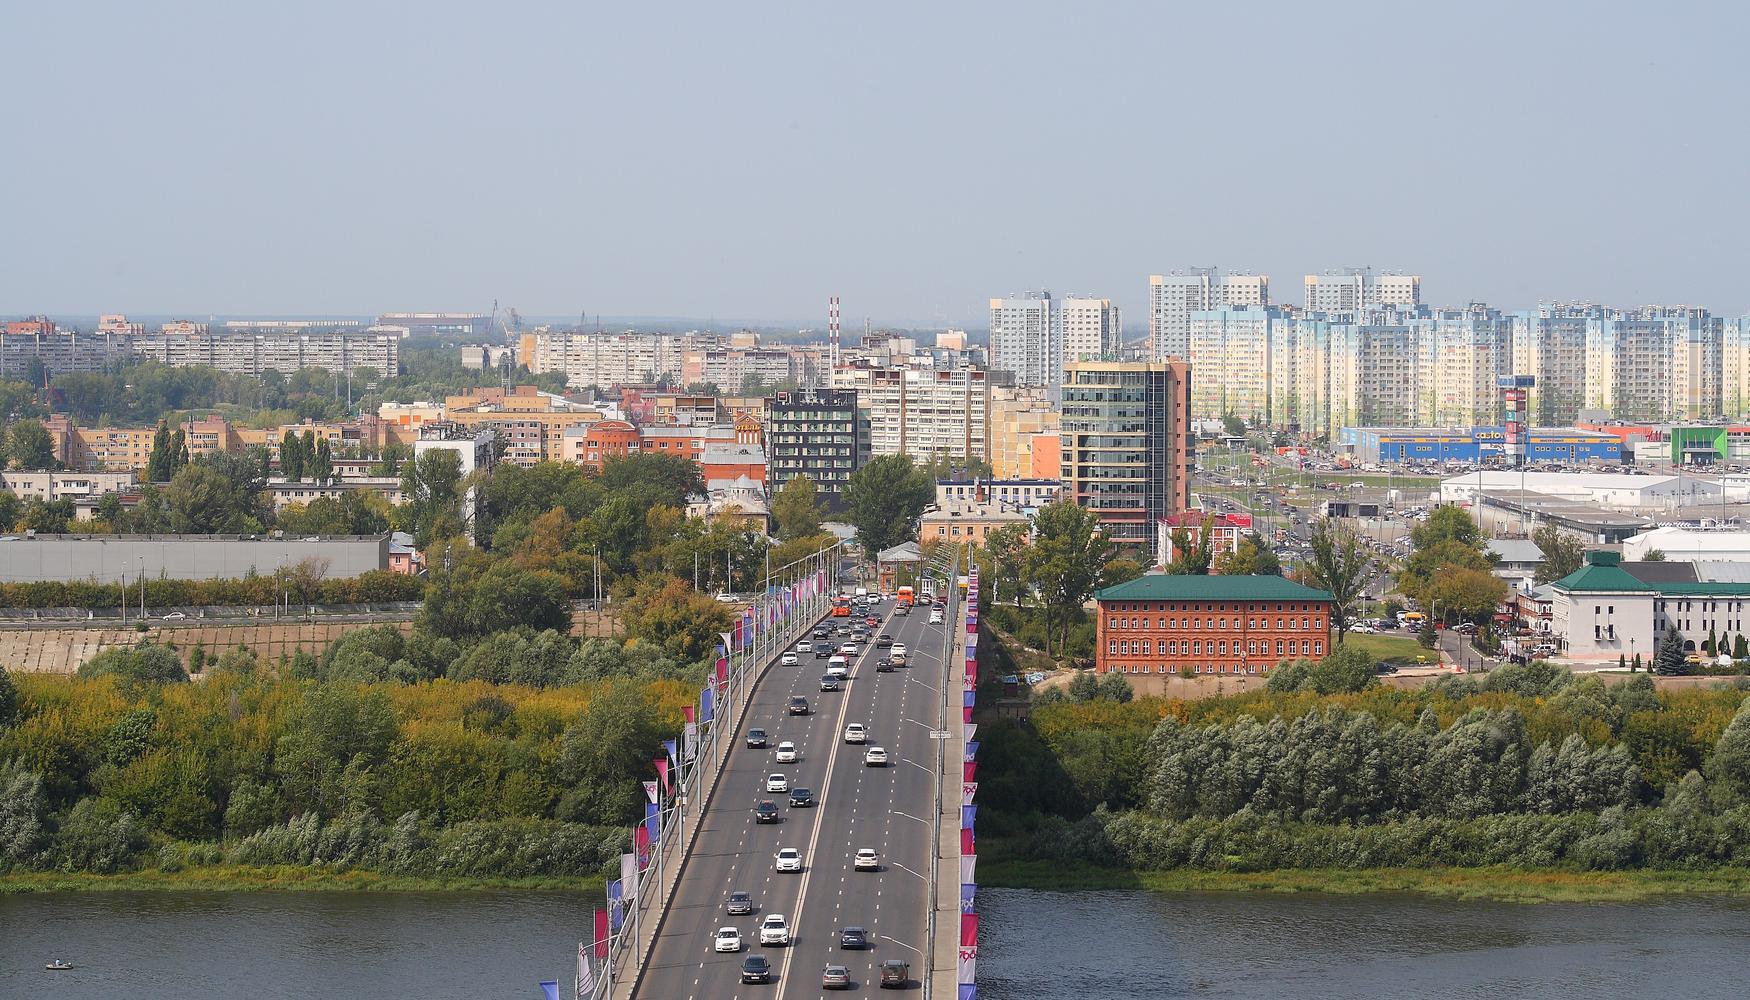 השכרת רכב בנמל התעופה ניז'ני נובגורוד Nizhniy Novgorod